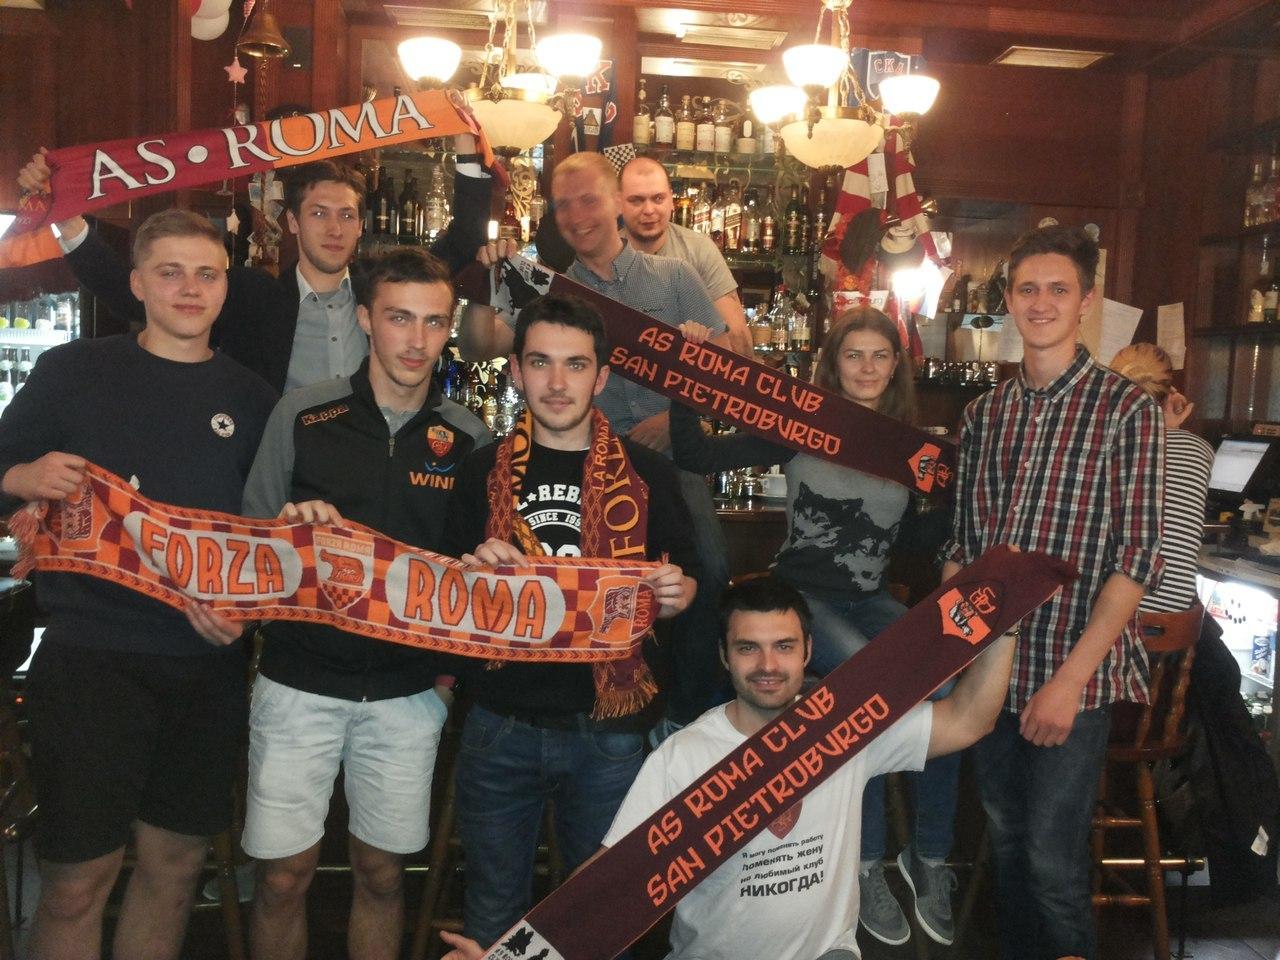 Roma Club San Pietroburgo - 4